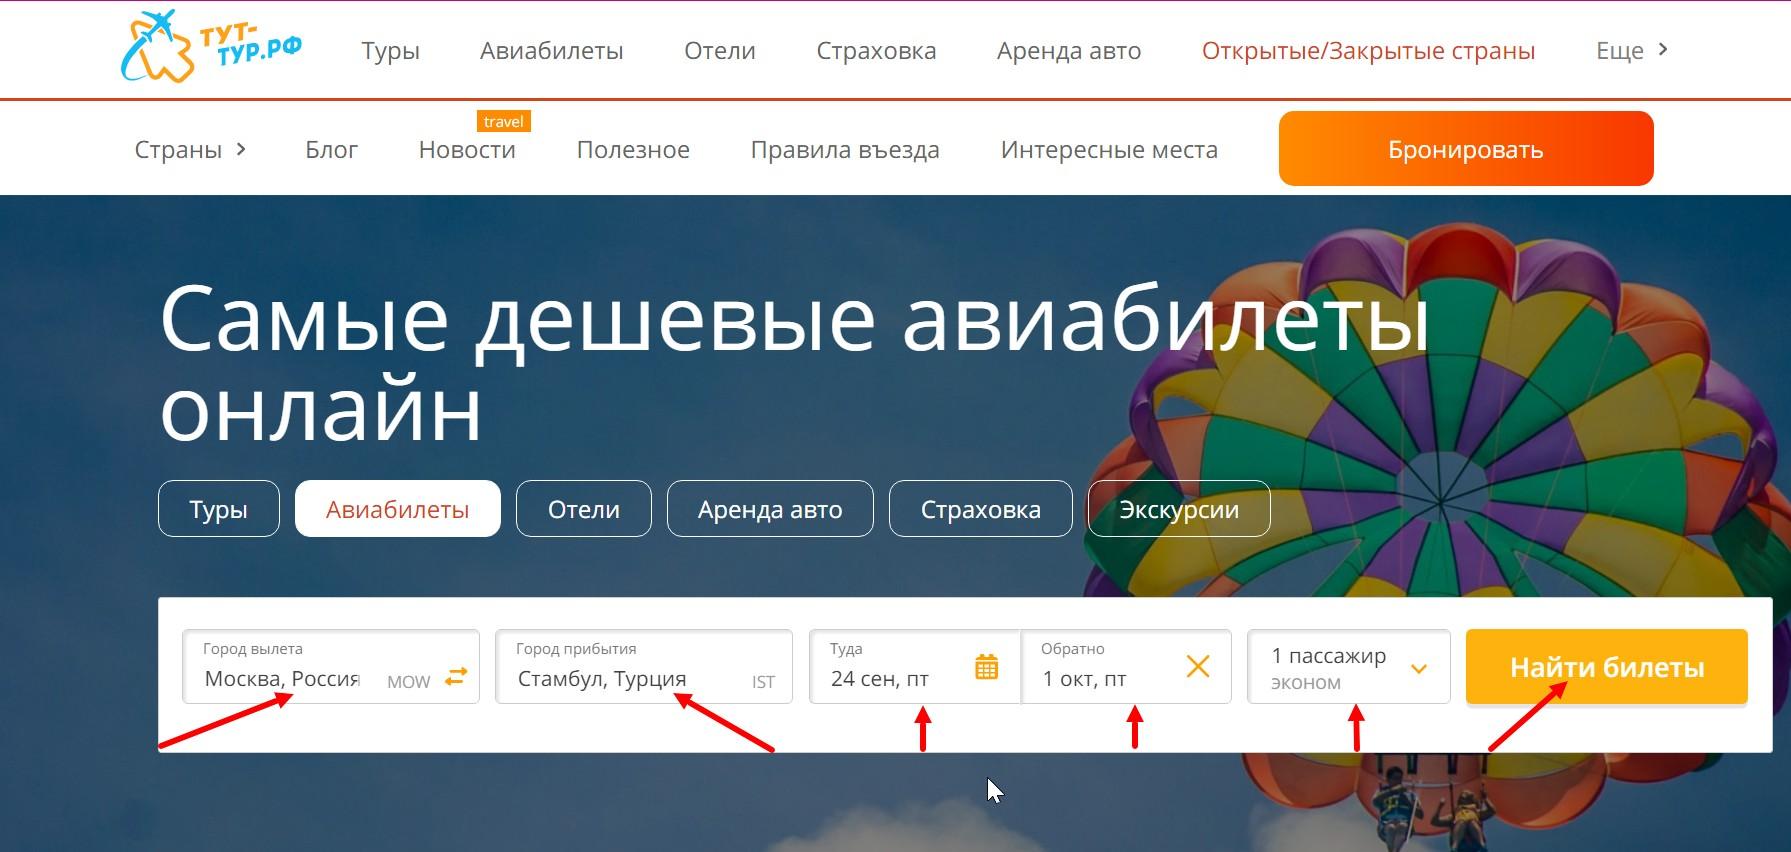 Пример поиска авиабилетов на Тут-Тур.рф